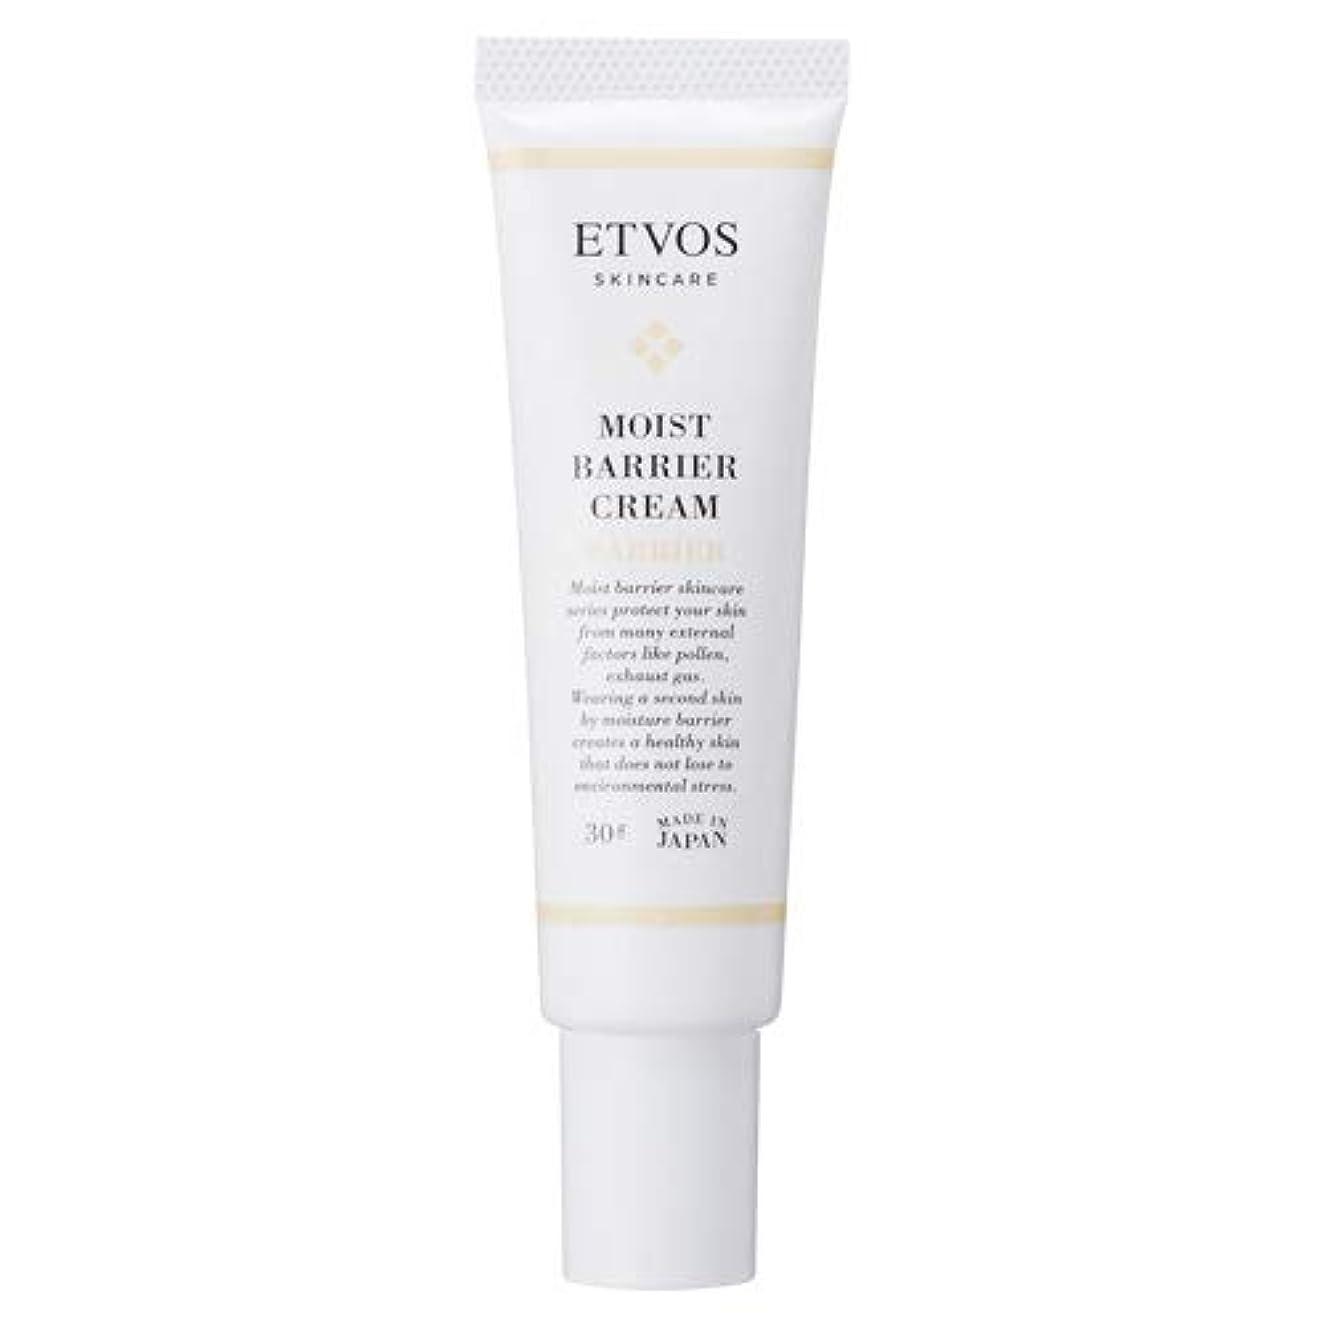 独立して先生忘れられないETVOS(エトヴォス) 皮膚保護クリーム モイストバリアクリーム 30g 肌荒れ/敏感肌 花粉/PM2.5/ハウスダスト [並行輸入品]